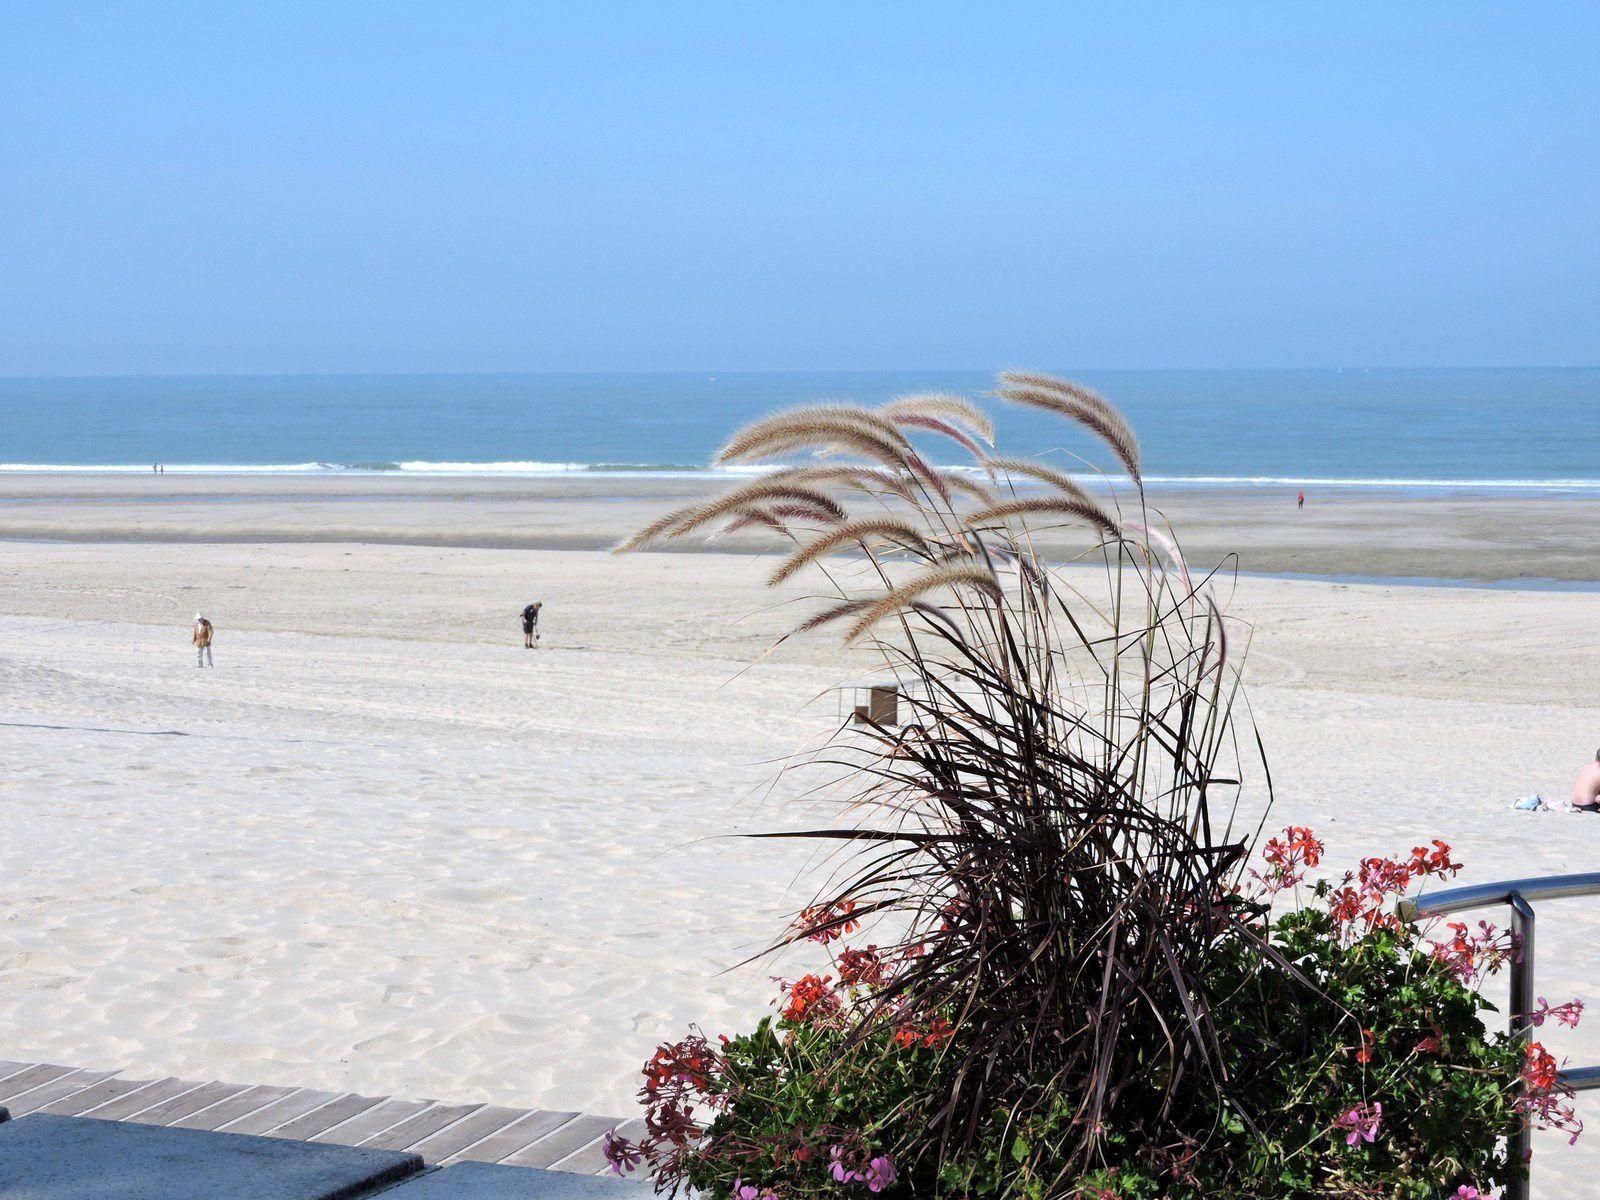 La plage de sable fin est magnifique ! Tout petit au fond perdu au milieu de l'océan il y a le phare de Cordouan ....